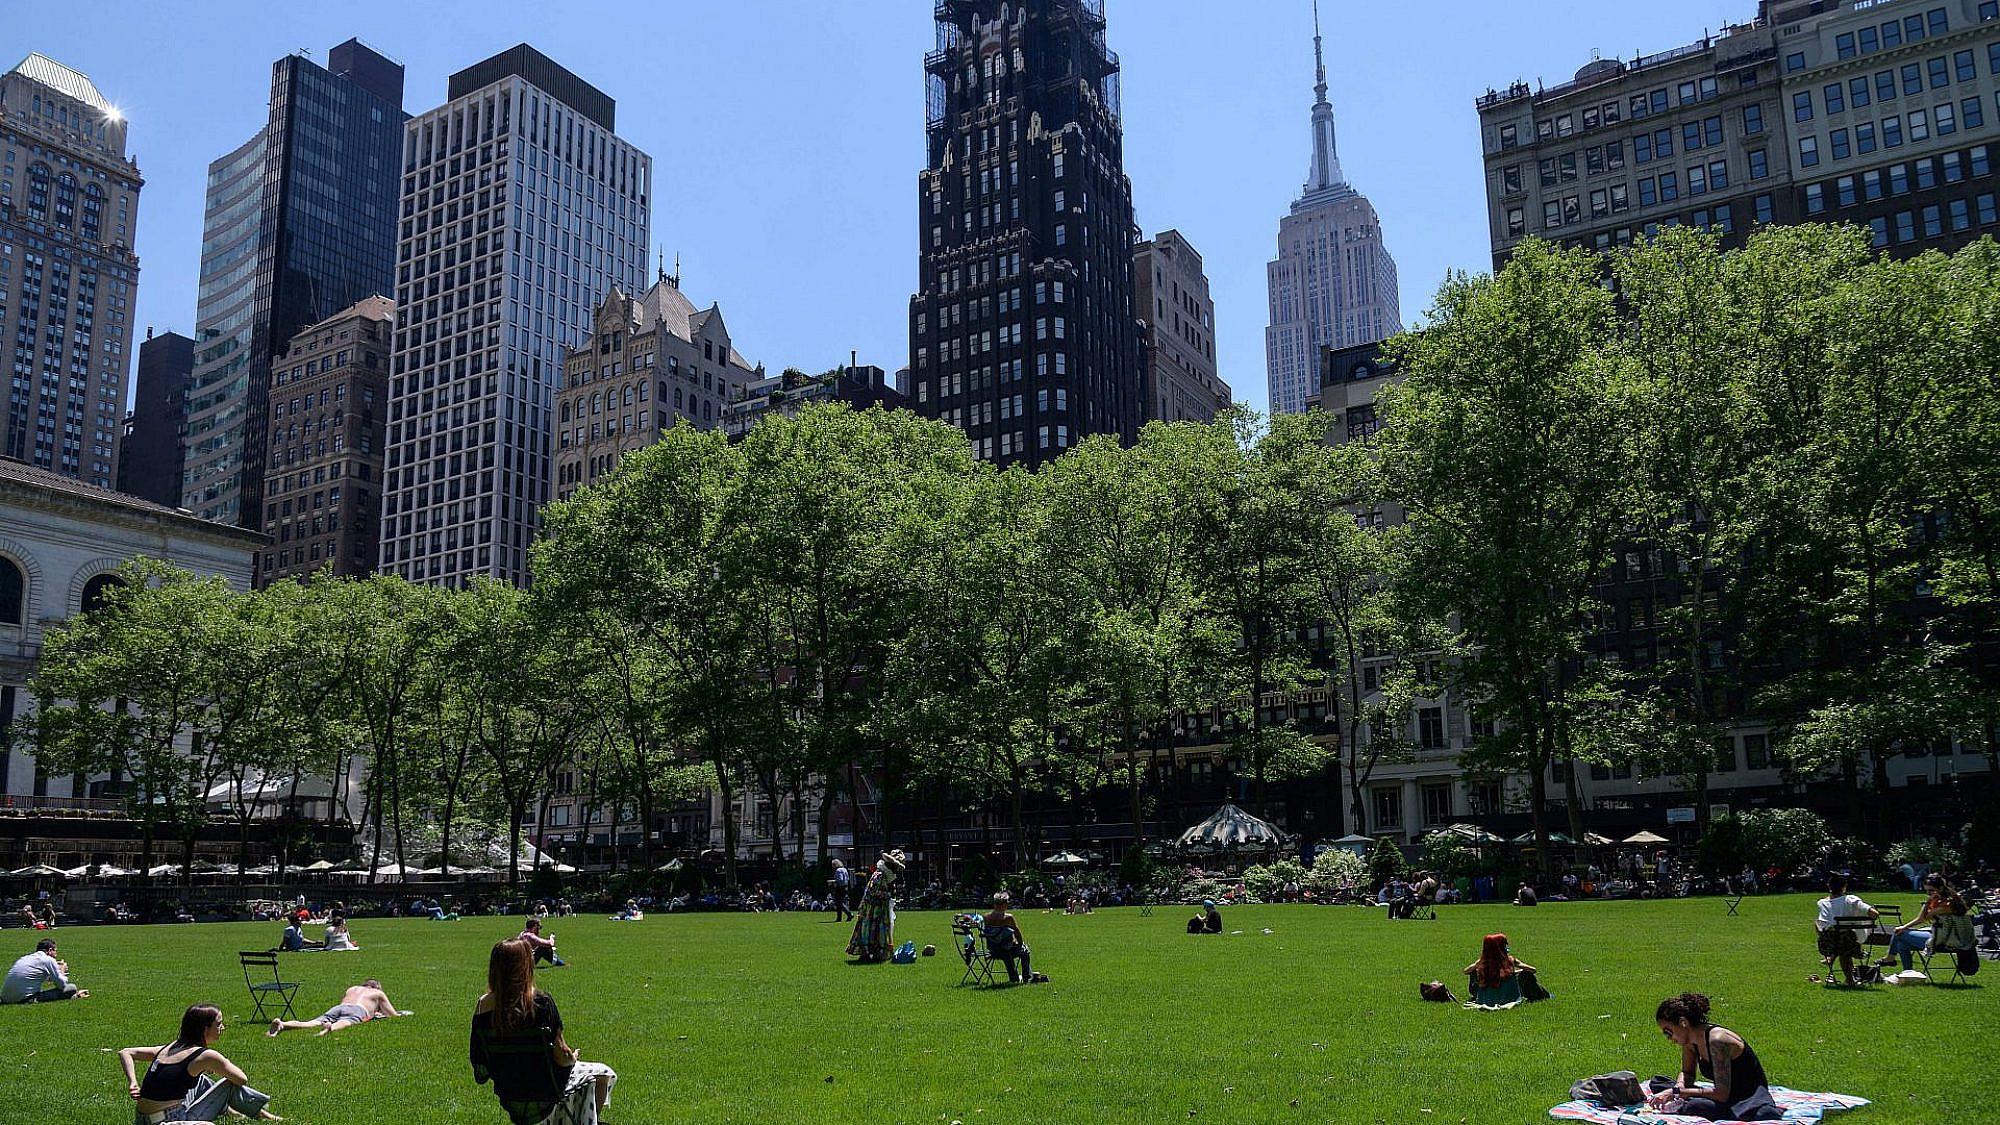 ניו יורק, השבוע. כאן דווקא מצאו פתרונות. צילום: ANGELA WEISS/AFP